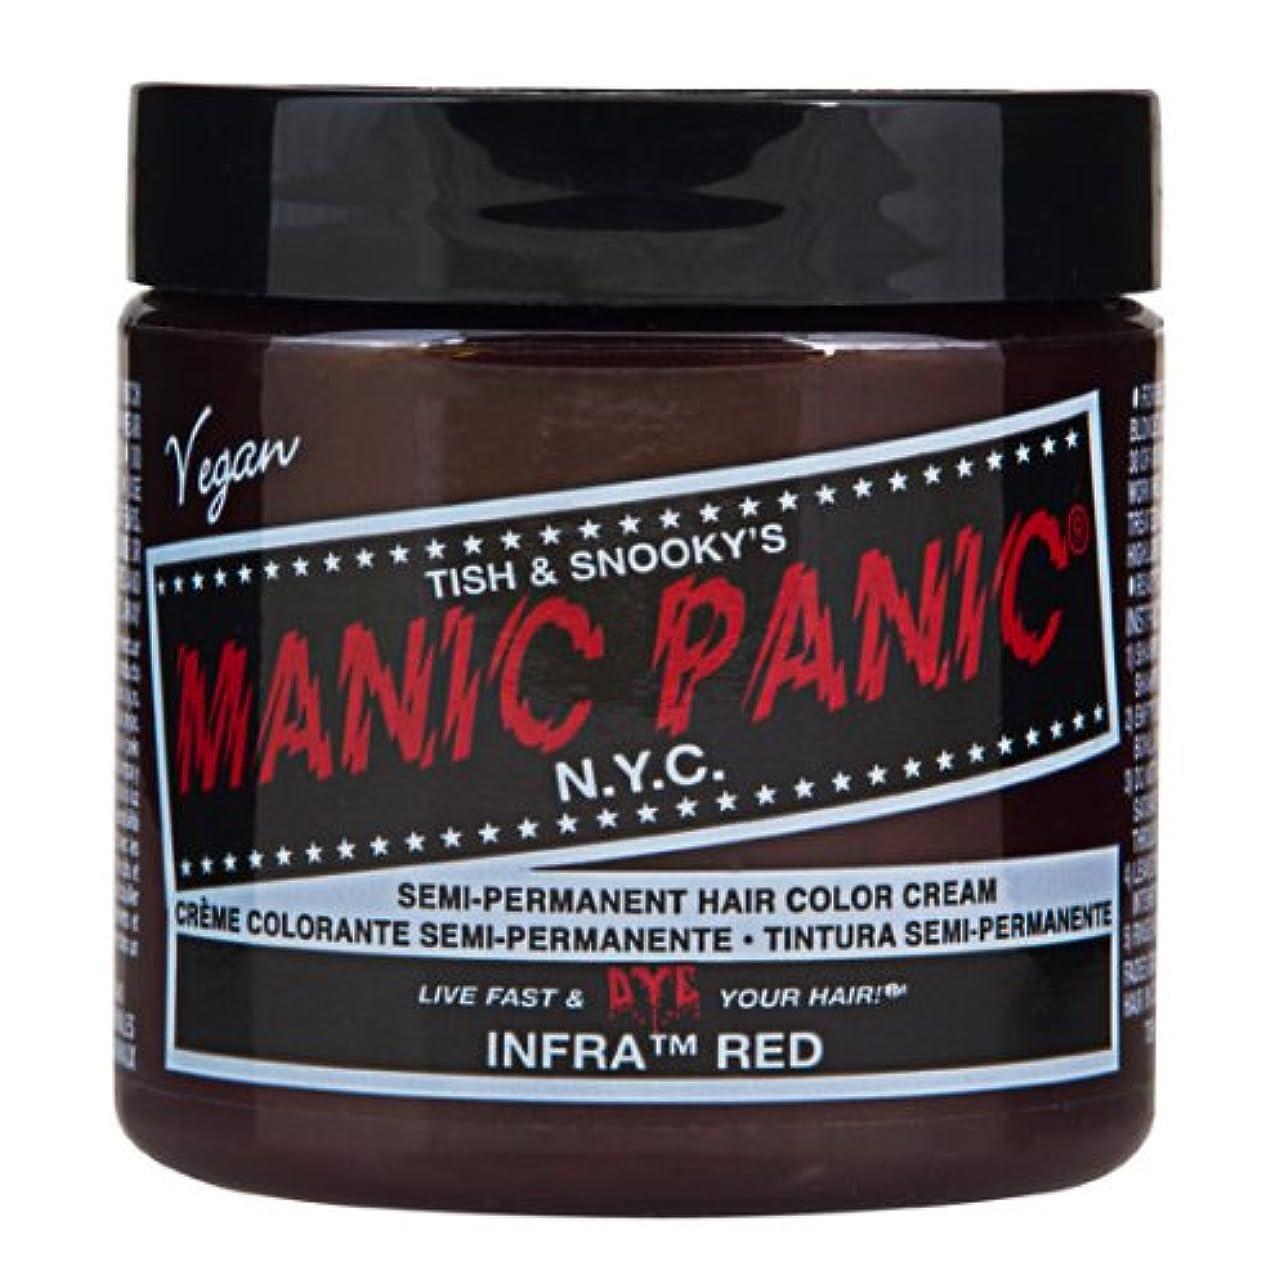 害虫傷つける承認マニックパニック MANIC PANIC ヘアカラー 118mlインフラレッド ヘアーカラー